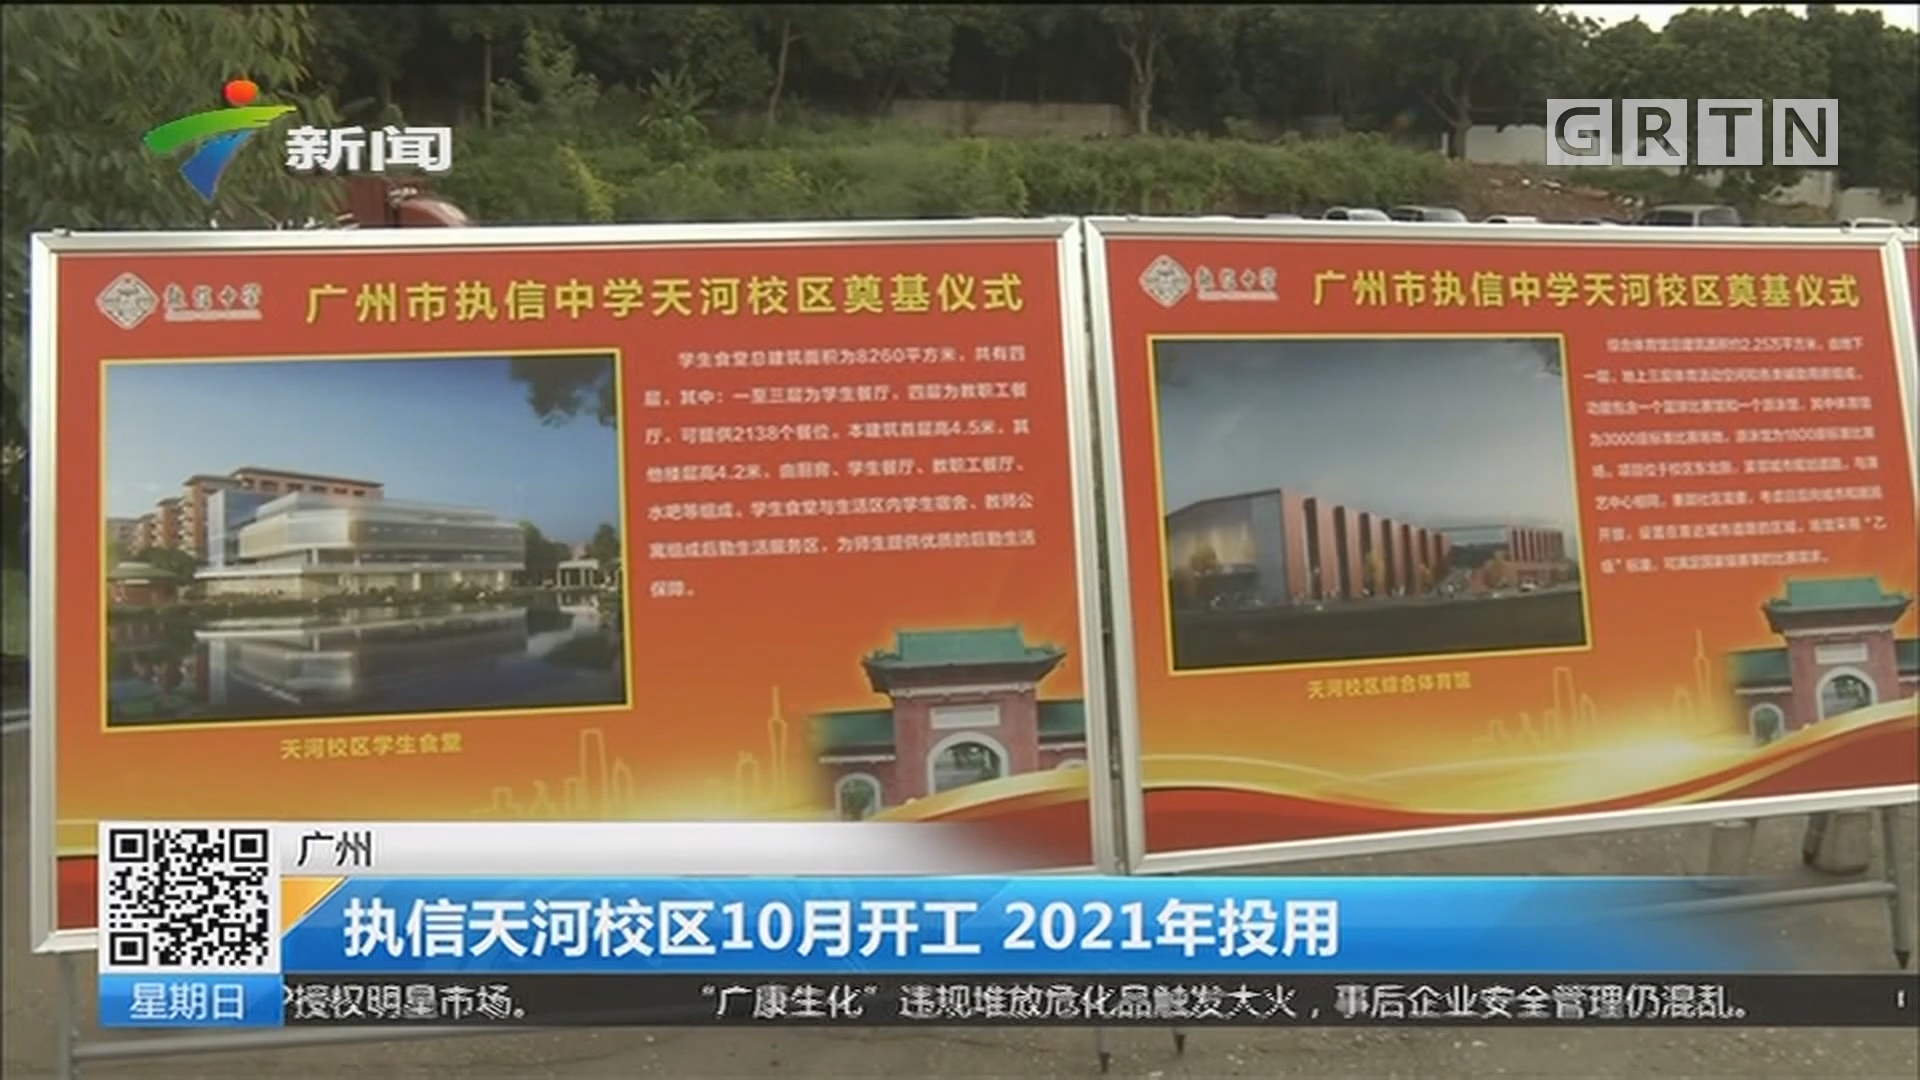 广州:执信天河校区10月开工 2021年投用